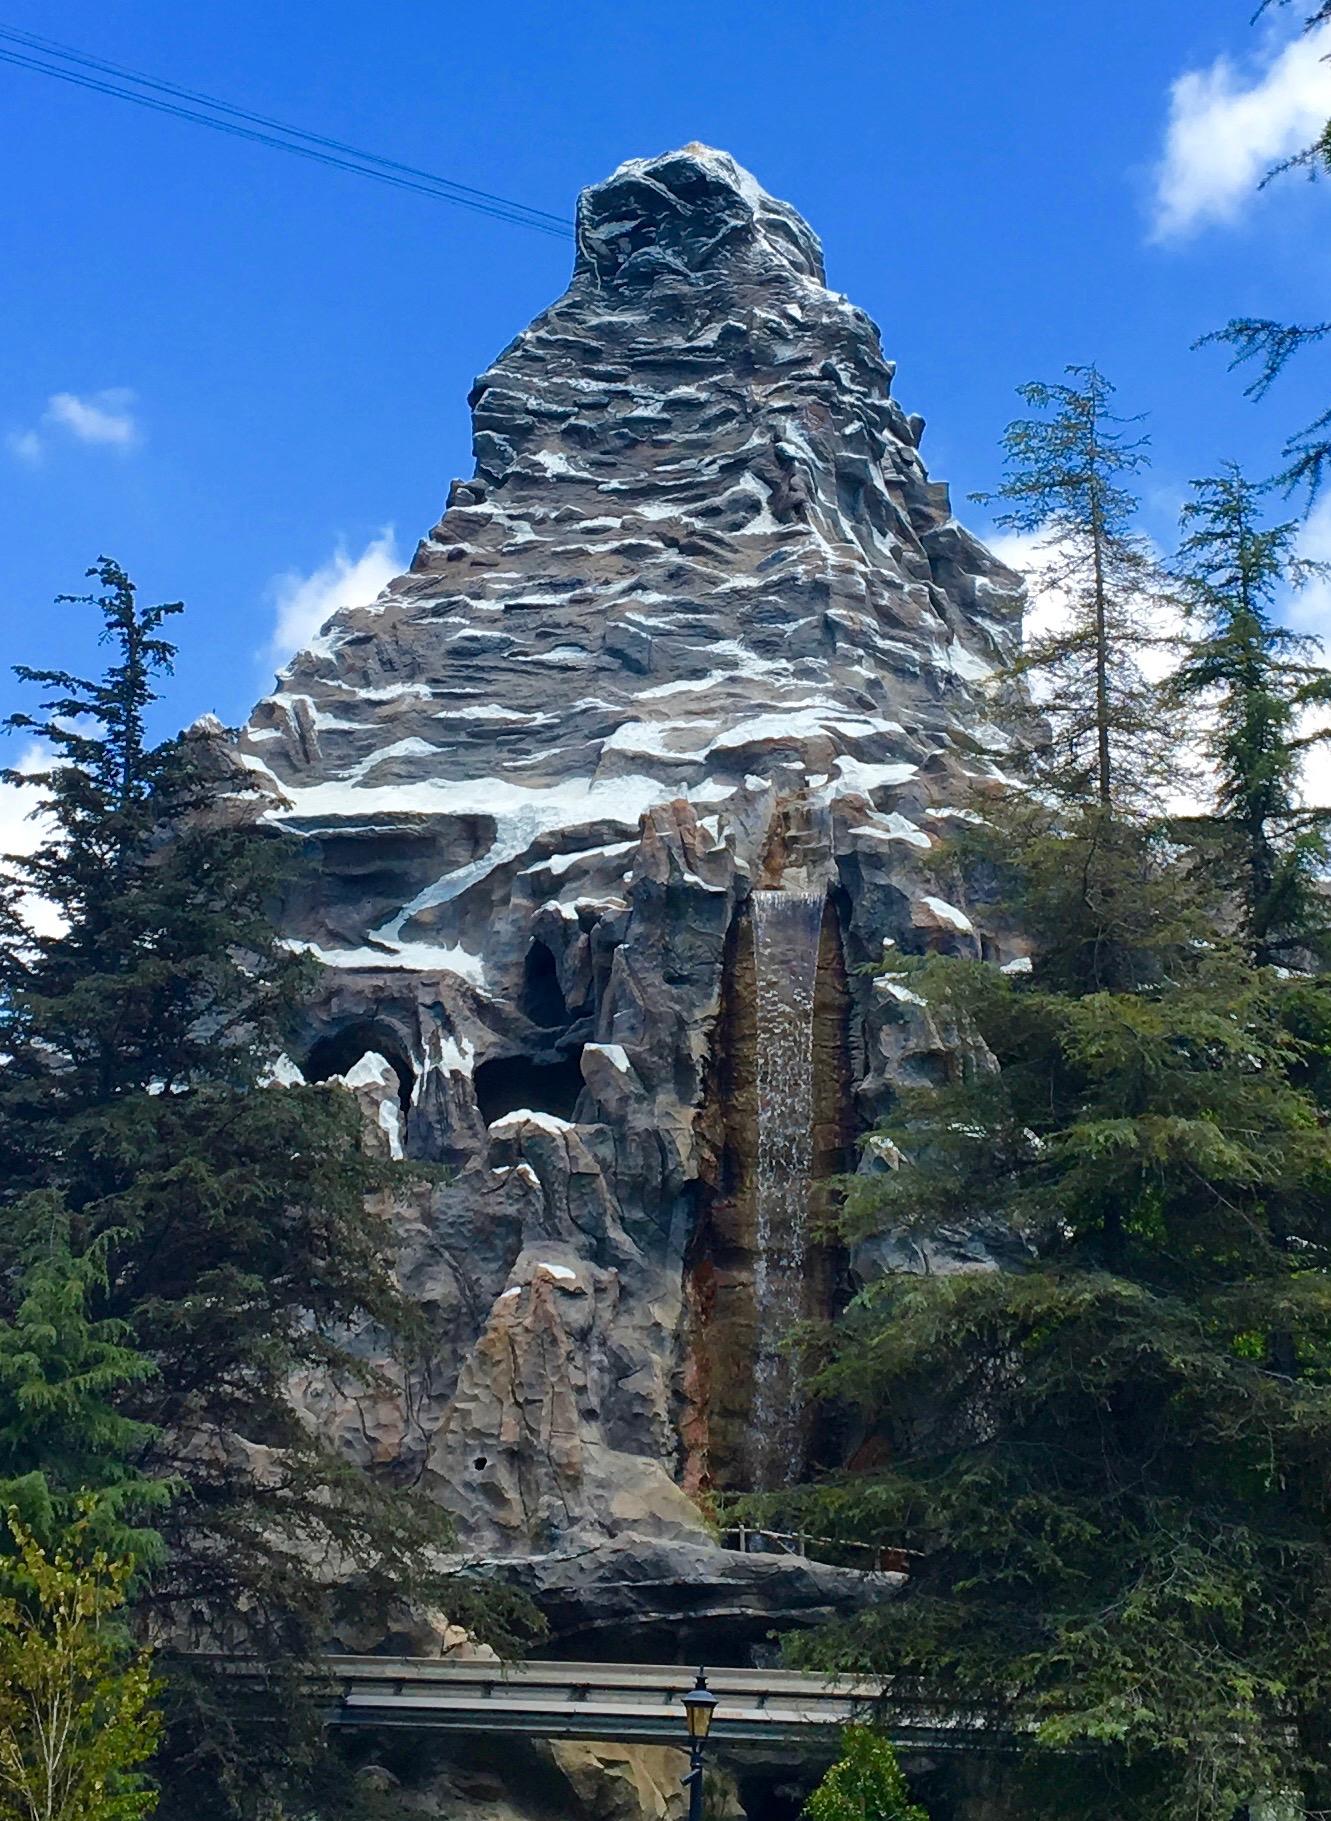 File:Matterhorn Bobsleds mountain.jpg